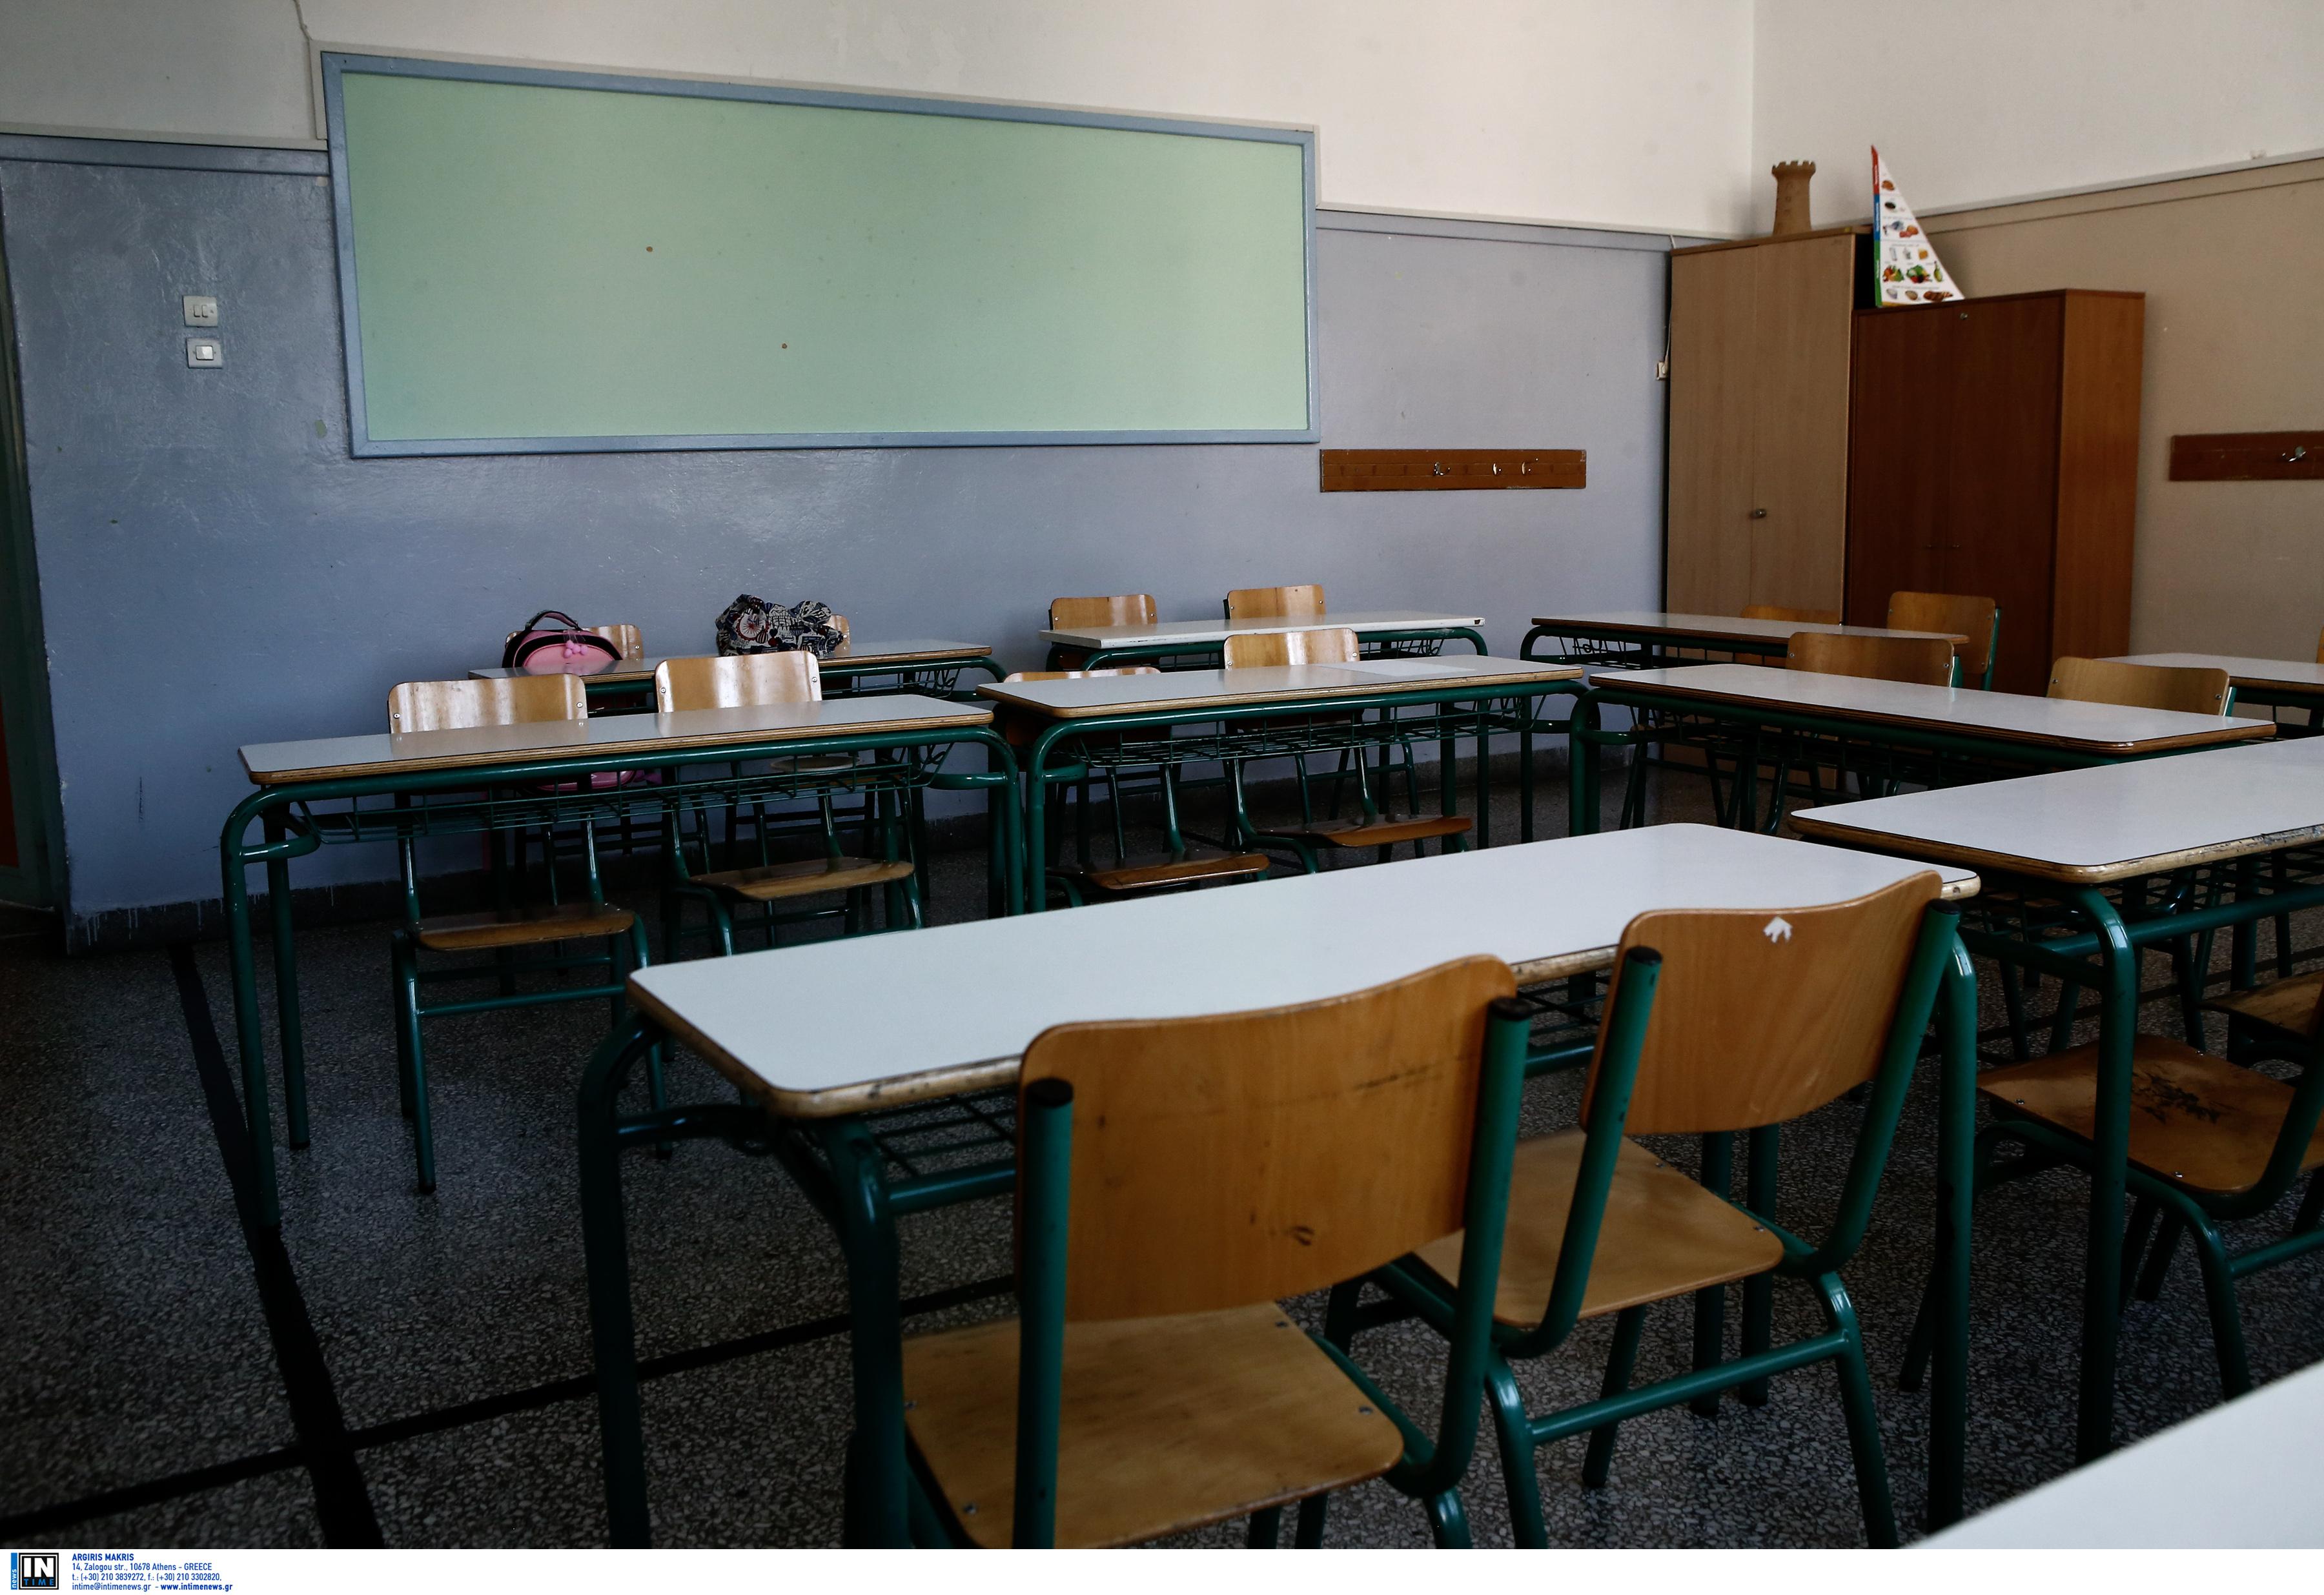 Συναγερμός στη Σαλαμίνα: Έκλεισε λόγω κορονοϊού το Ειδικό Δημοτικό Σχολείο